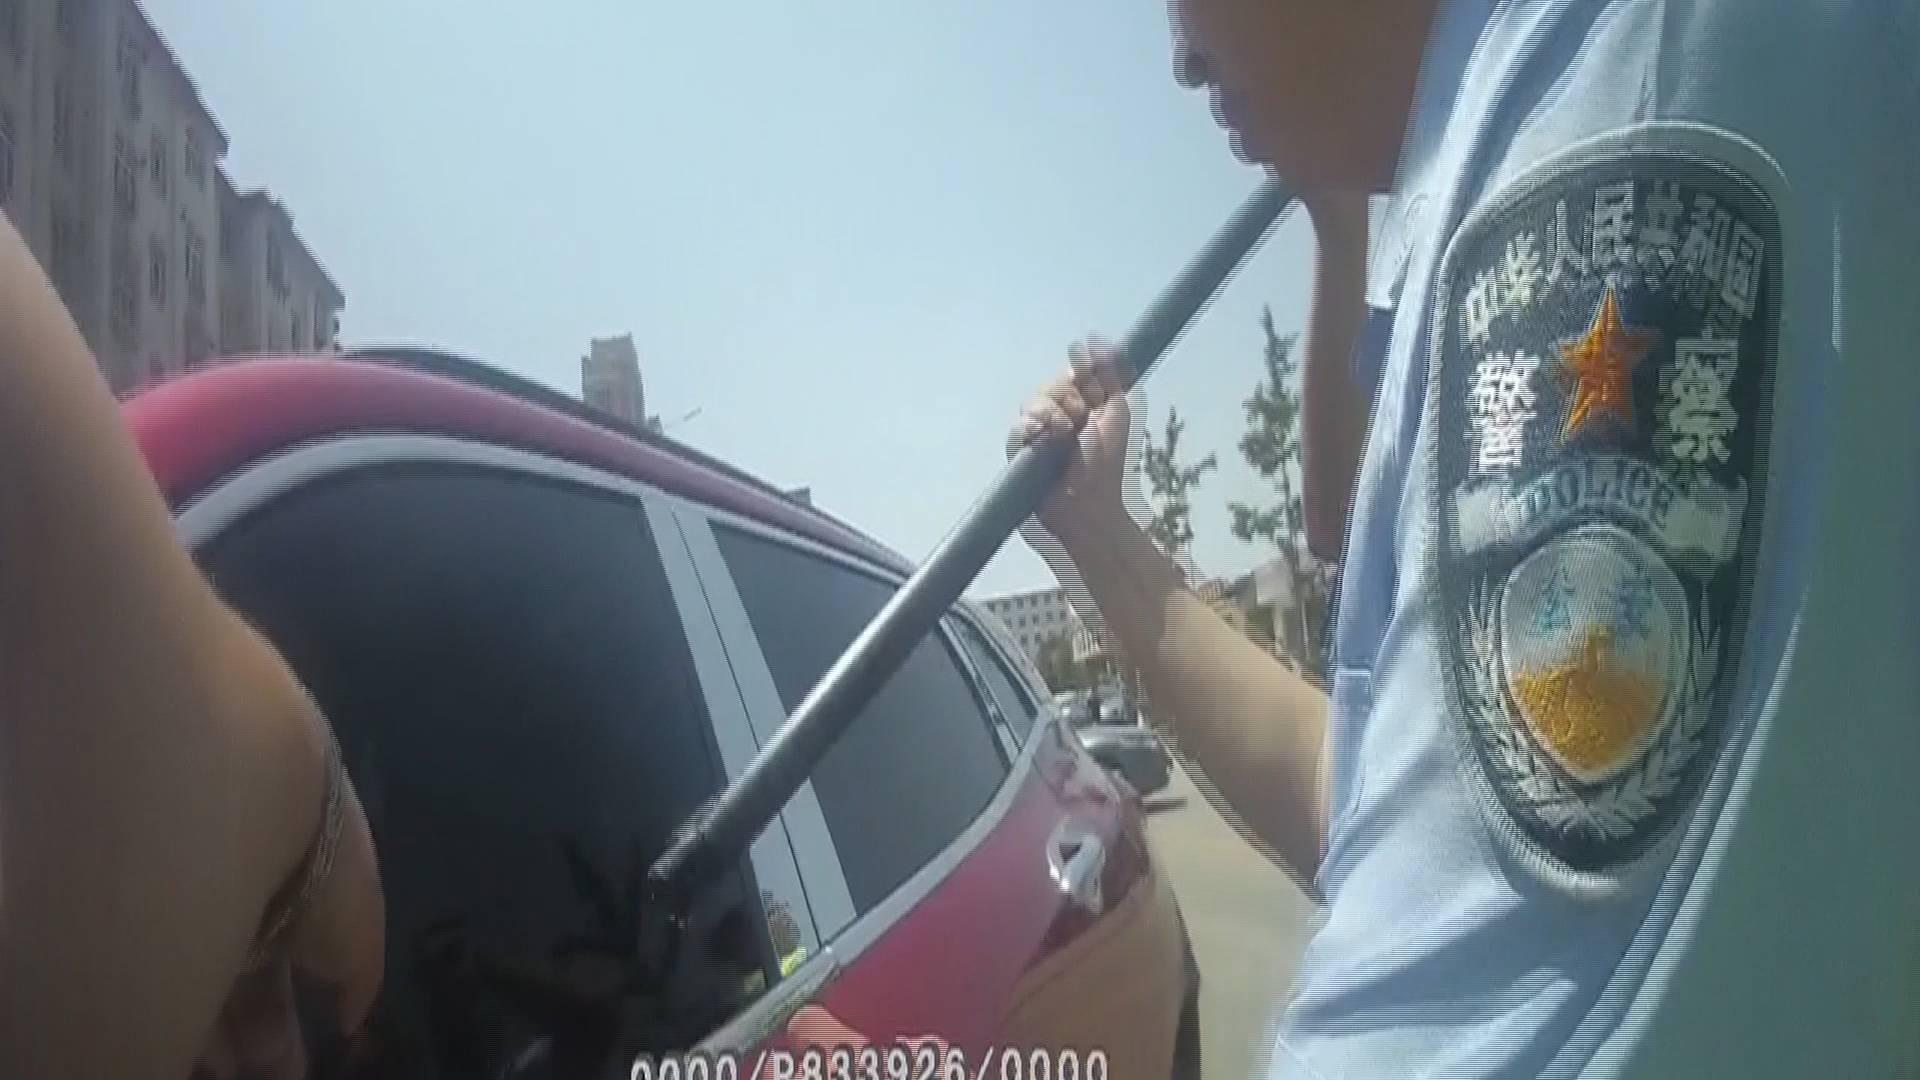 62秒丨嚣张!烟台一司机醉驾拒绝检查 冲撞警车被拦截